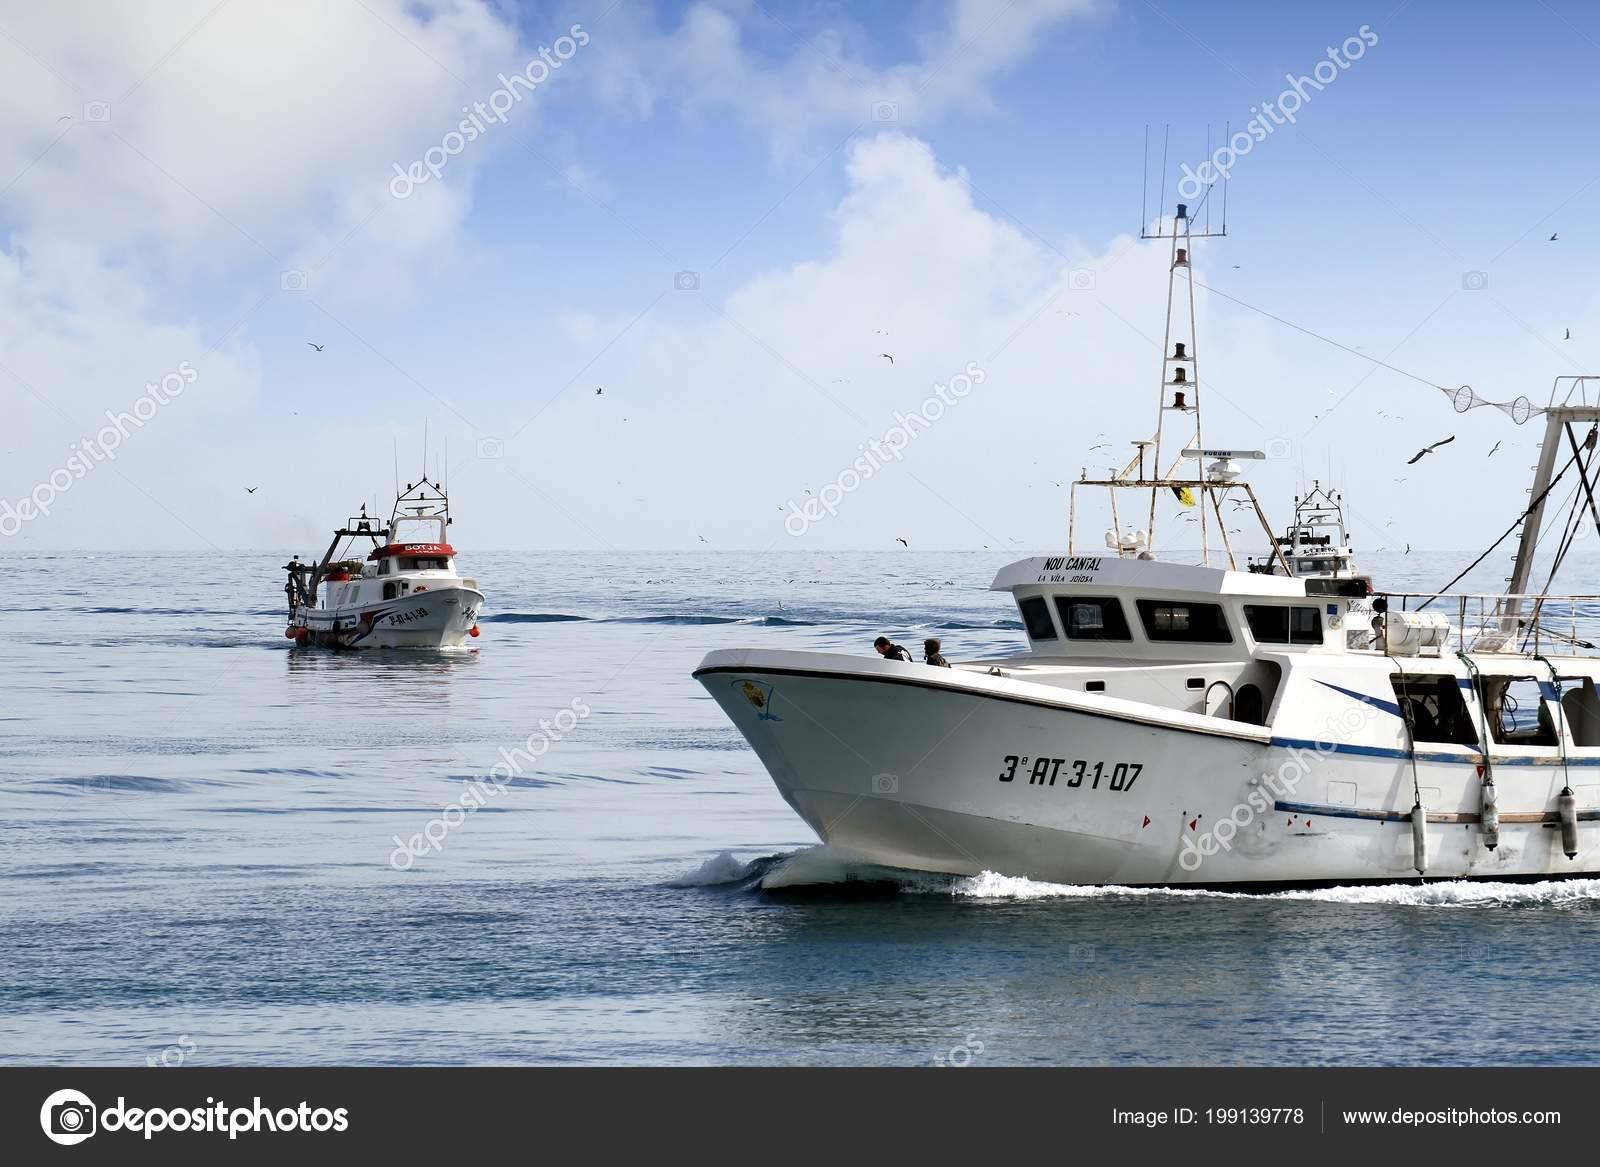 paire bateaux p che chalutier approchant port vendre leurs captures dans photo ditoriale. Black Bedroom Furniture Sets. Home Design Ideas